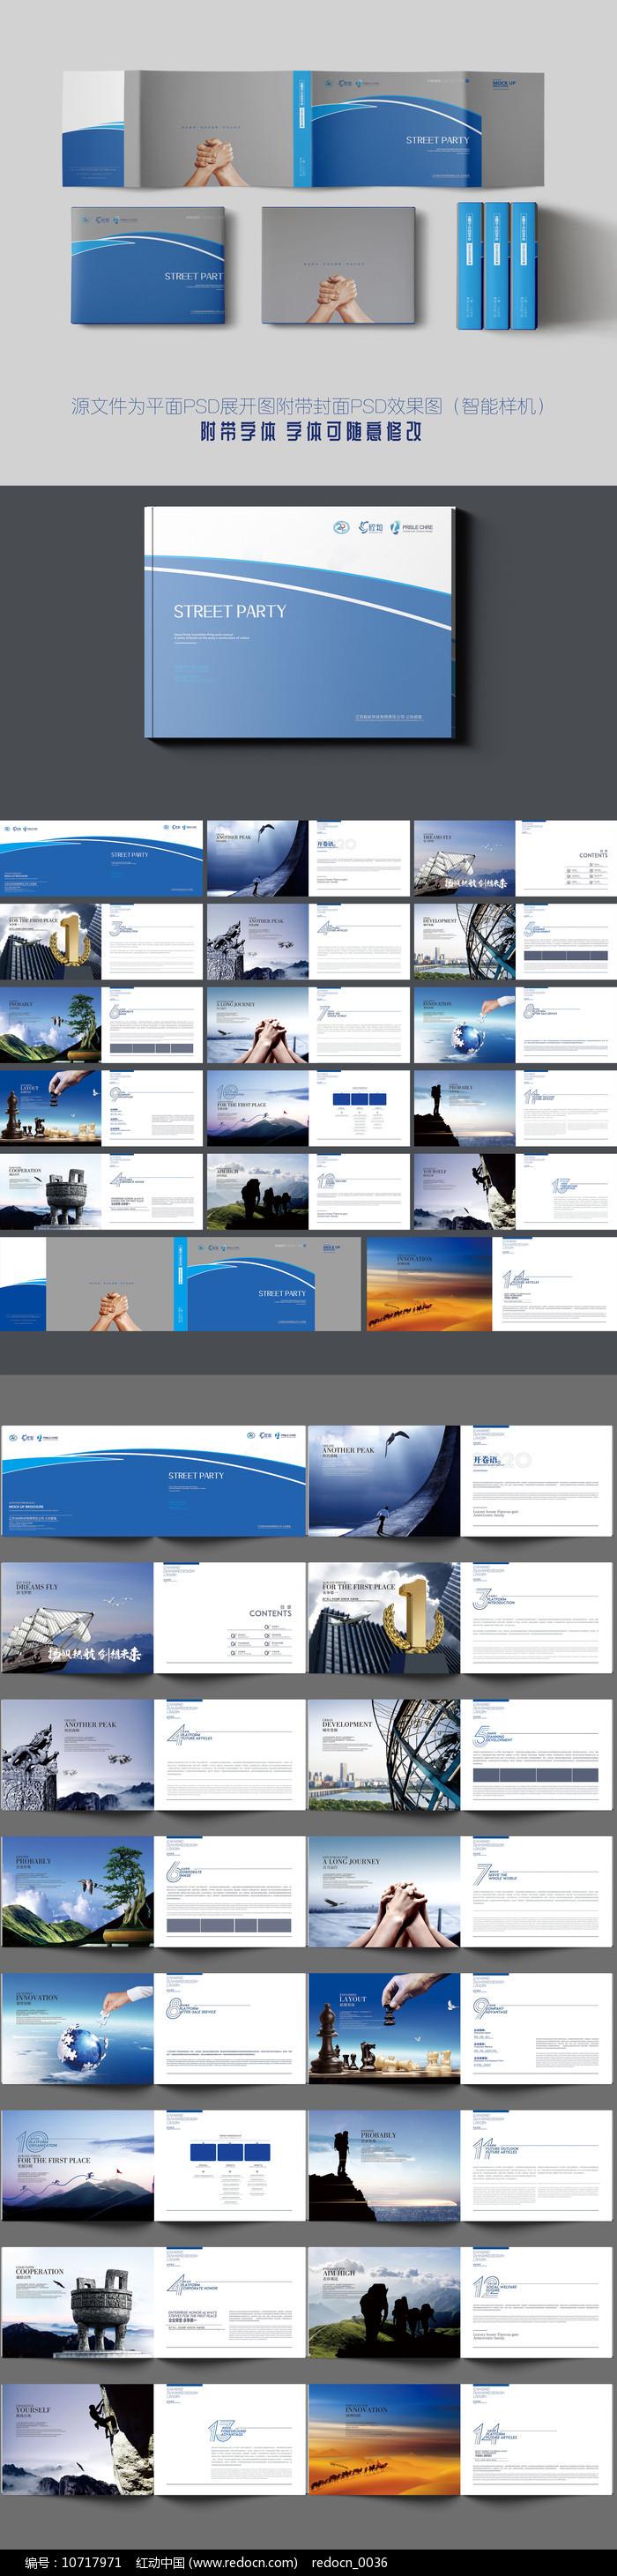 大气蓝色横版企业宣传册设计图片